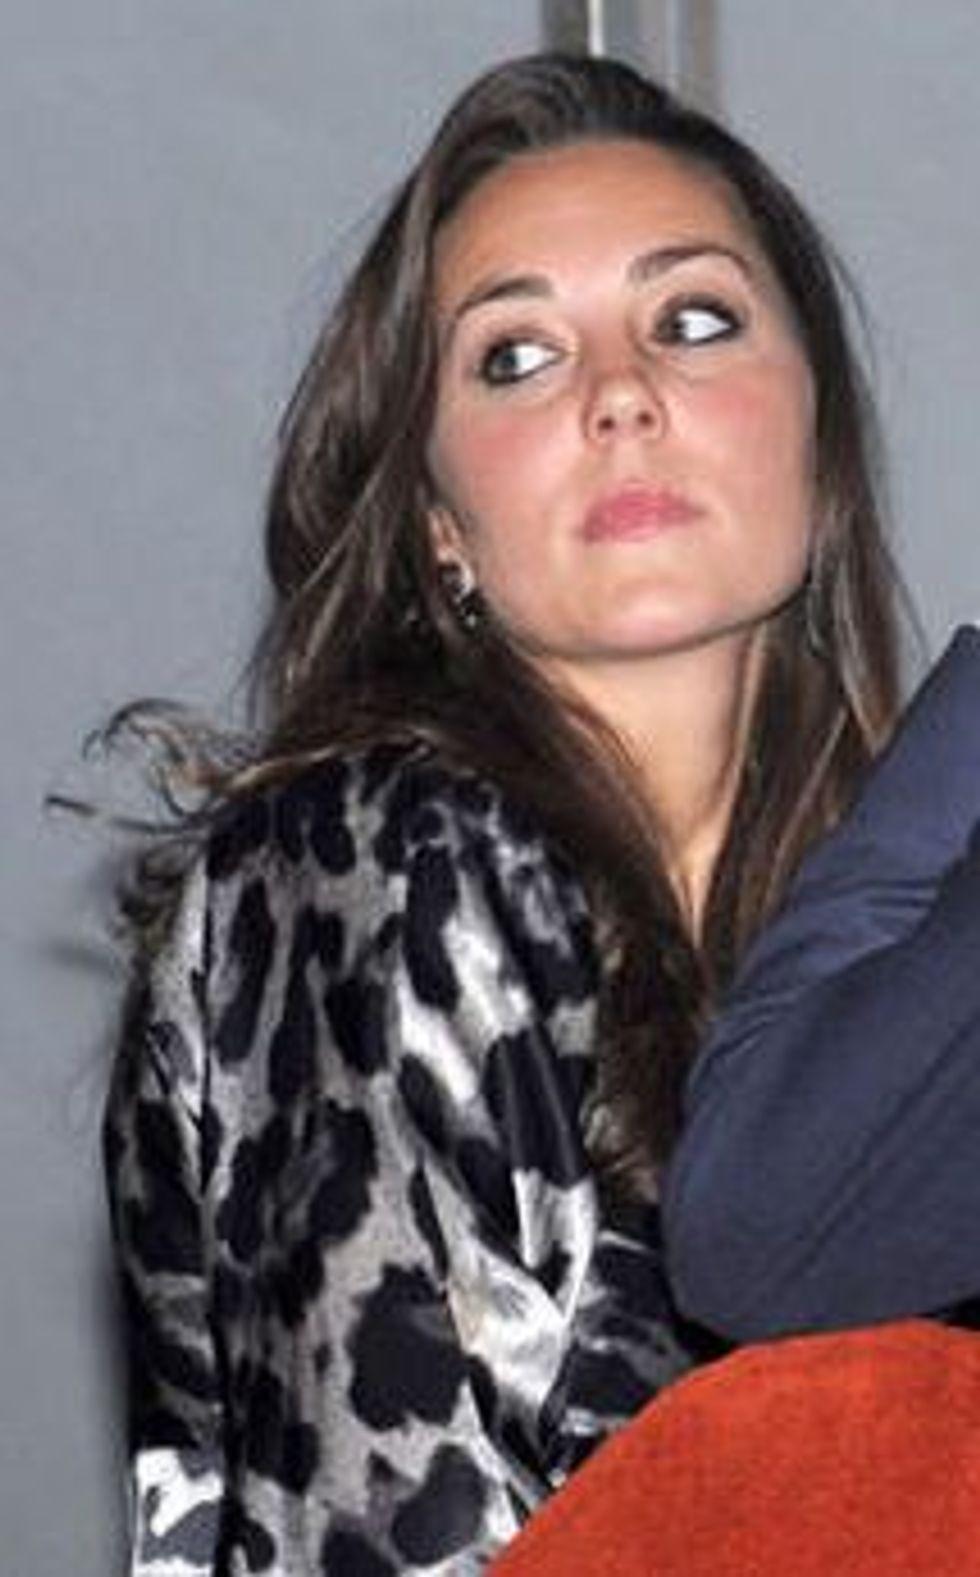 Kate Middleton's Just a Regular Gal